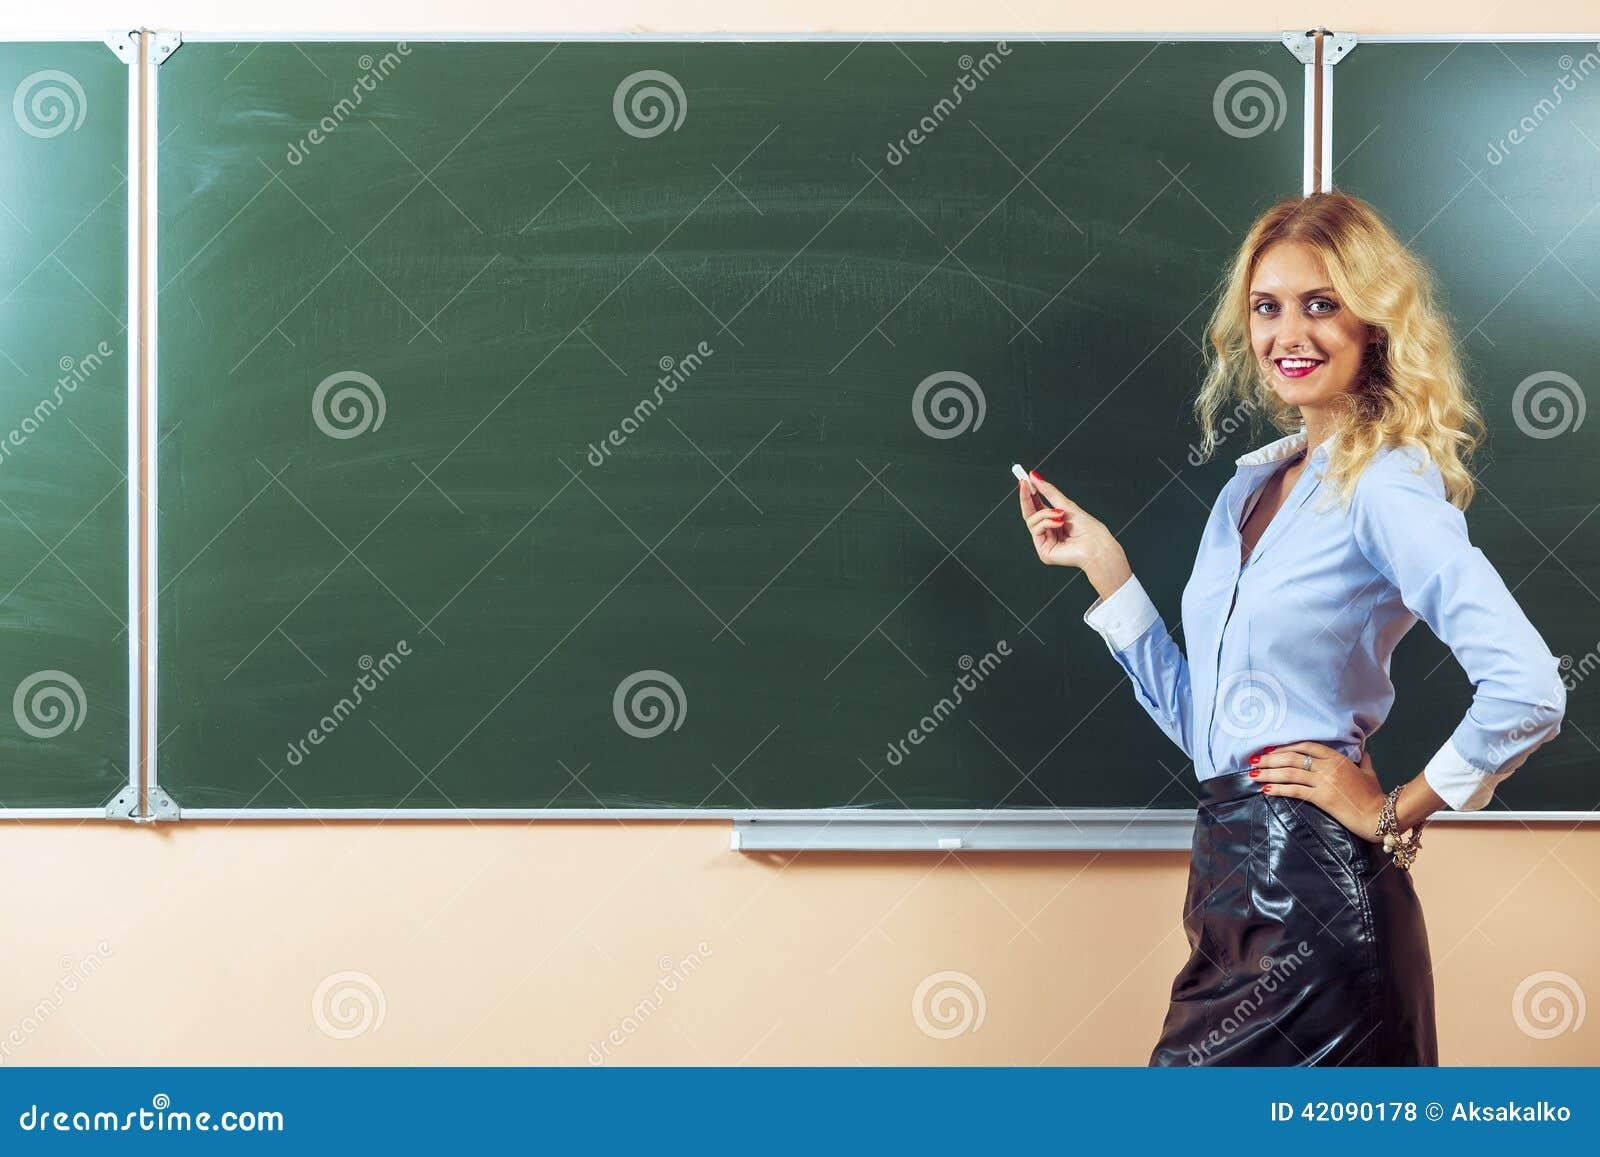 Секс молодой русской учительницы с учеником смотреть бесплатно, Зрелая русская учительница занимается сексом 25 фотография